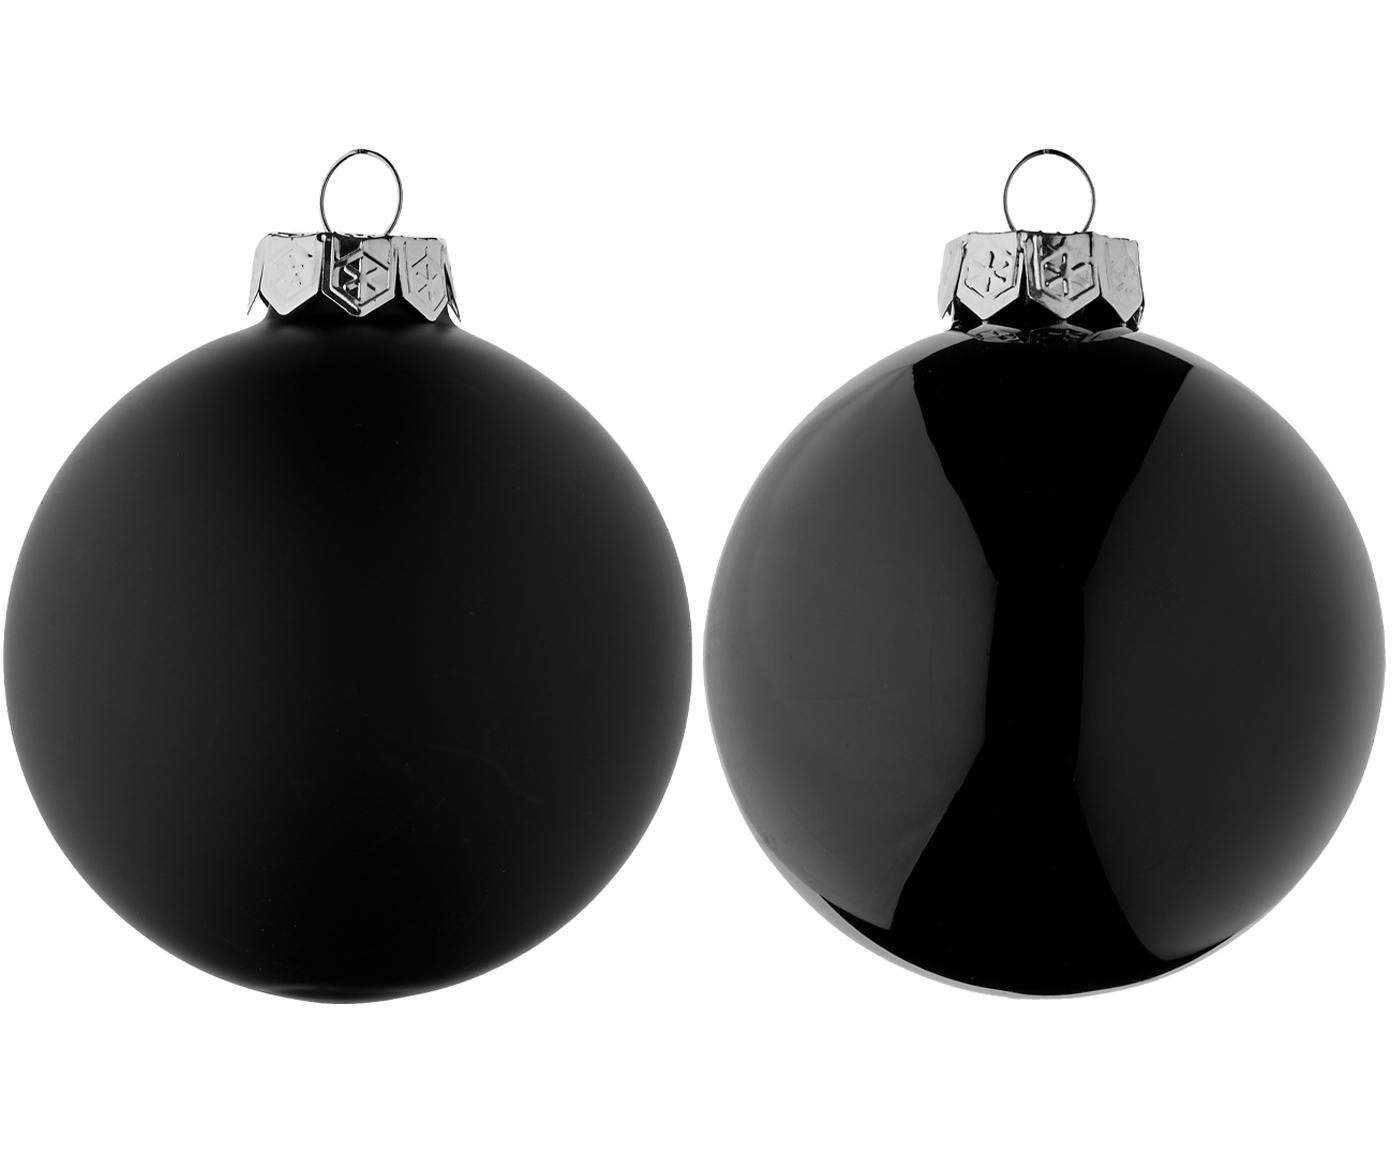 Weihnachtskugel-Set EvergreenØ8cm, 6-tlg., Schwarz, Ø 8 cm